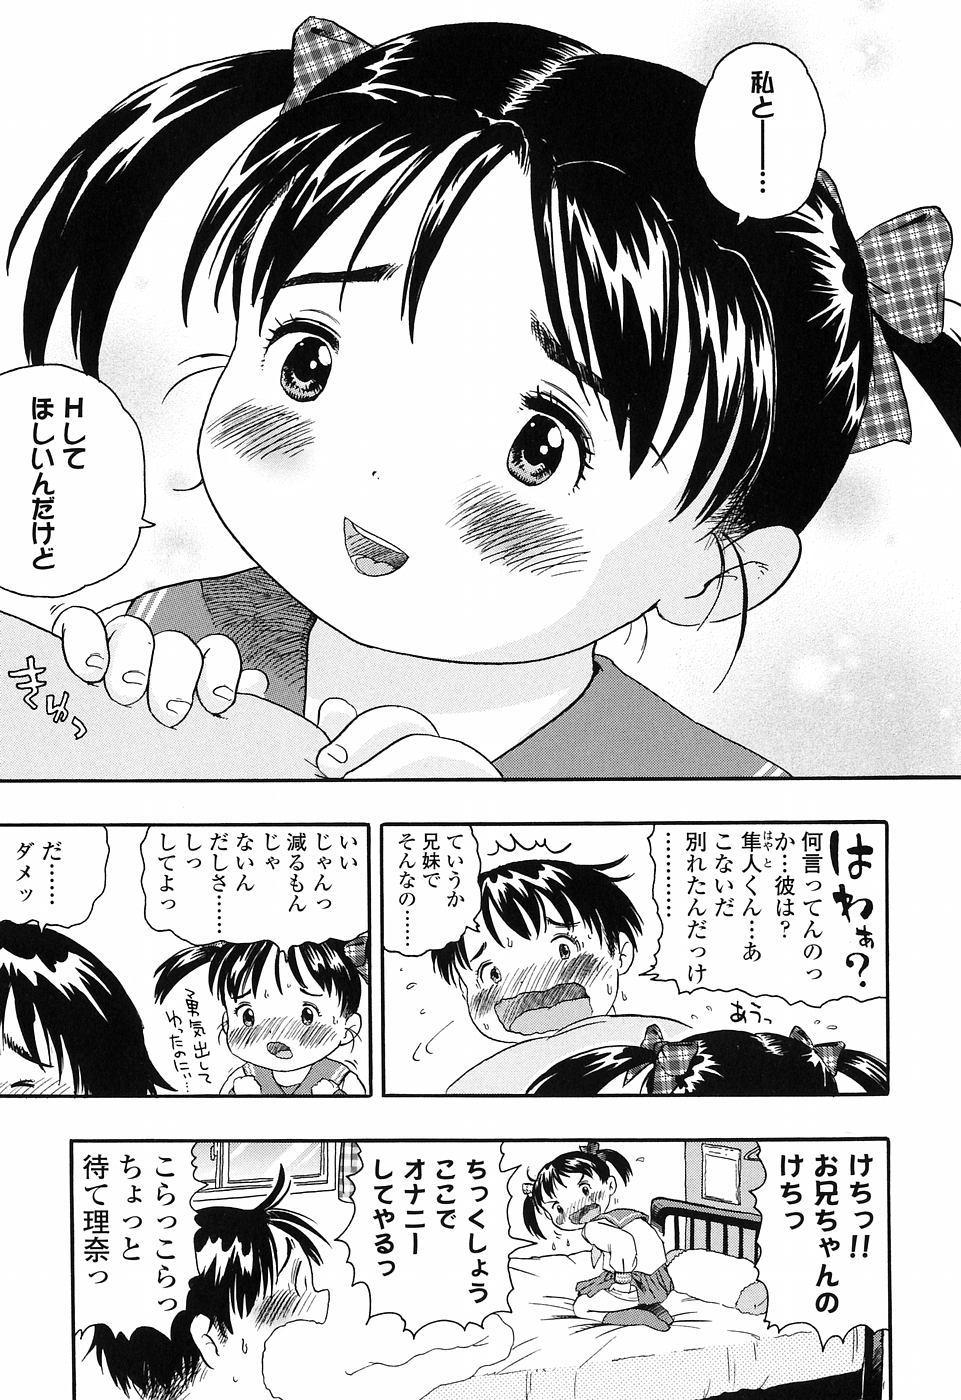 Koisuru Fukurami 54